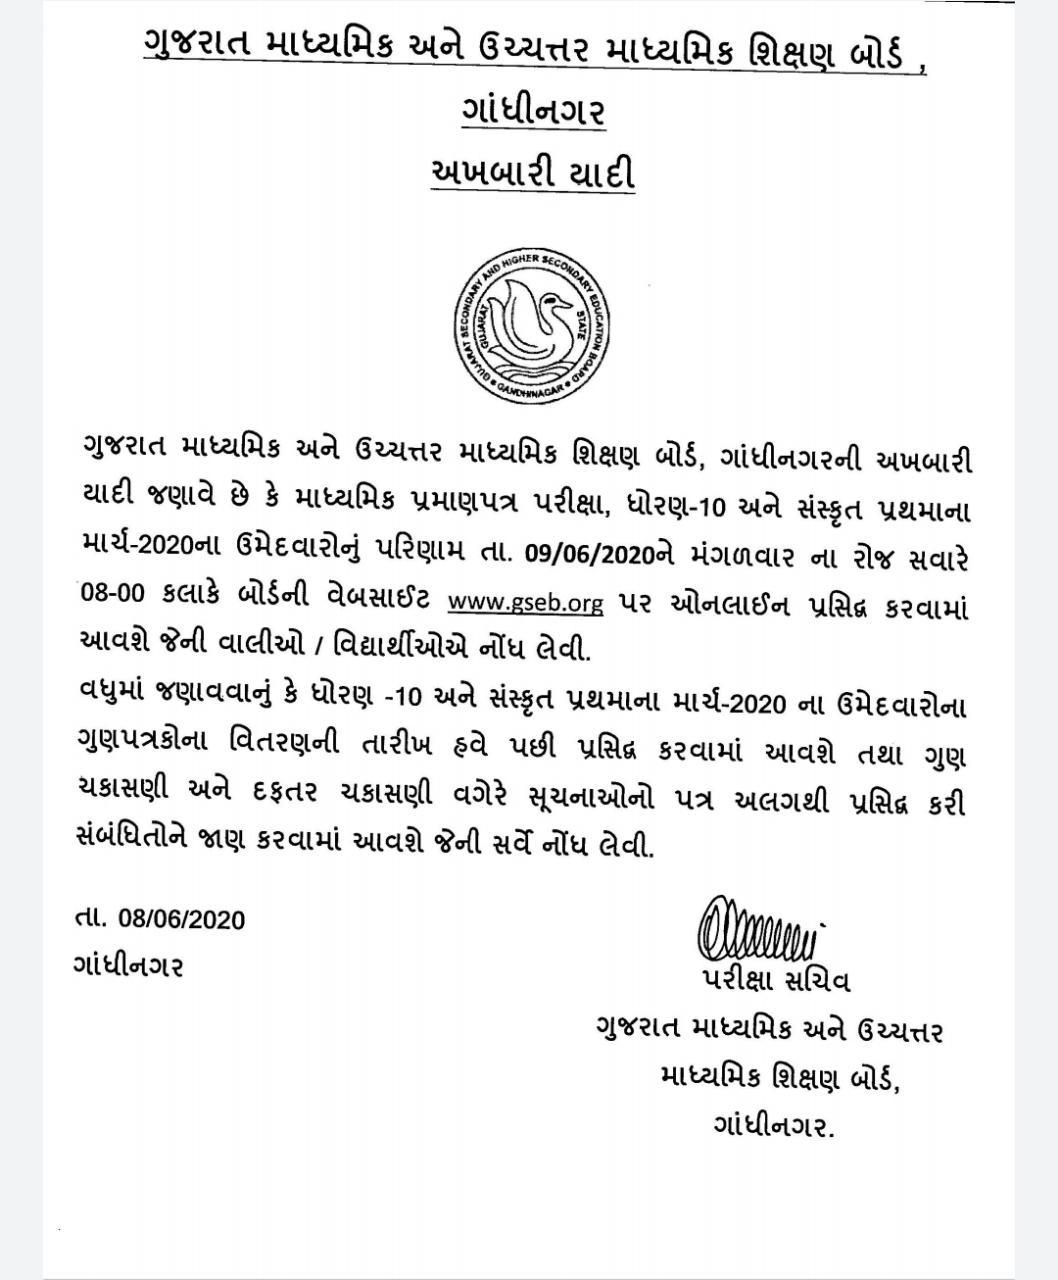 Gujarat 10th Result